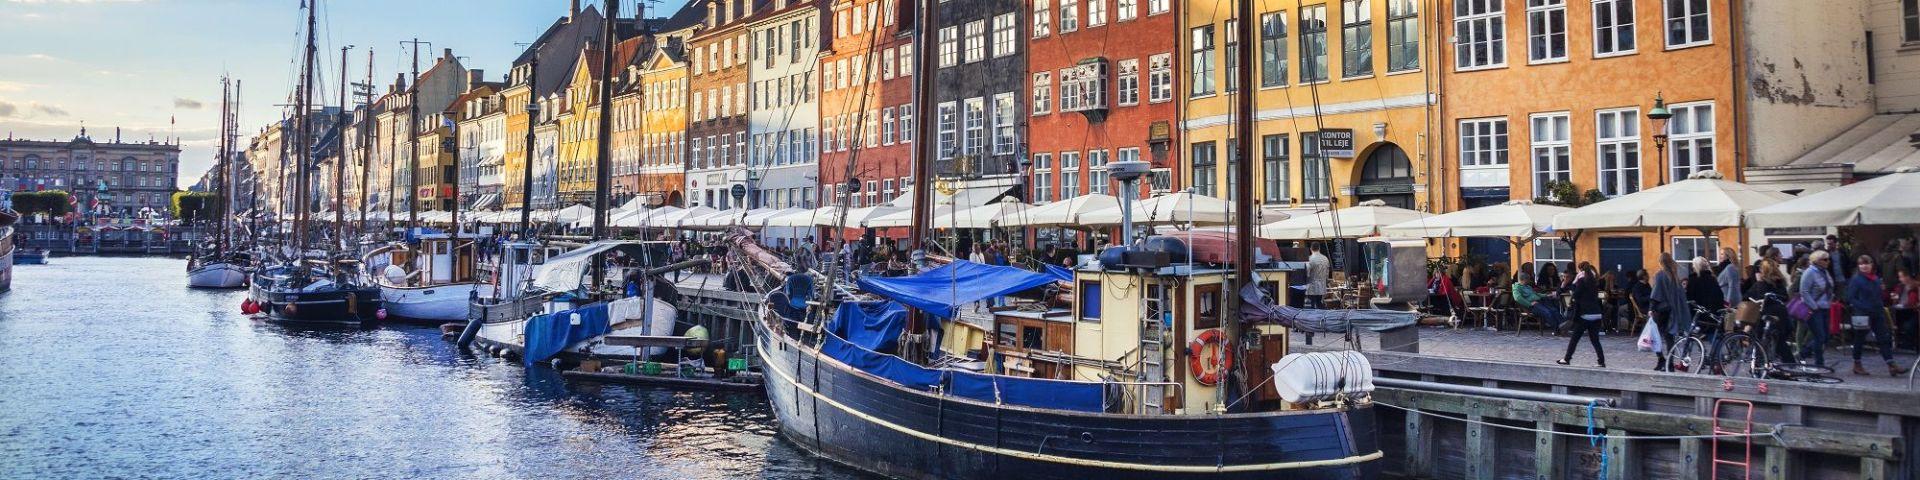 Kopenhagen in 2021